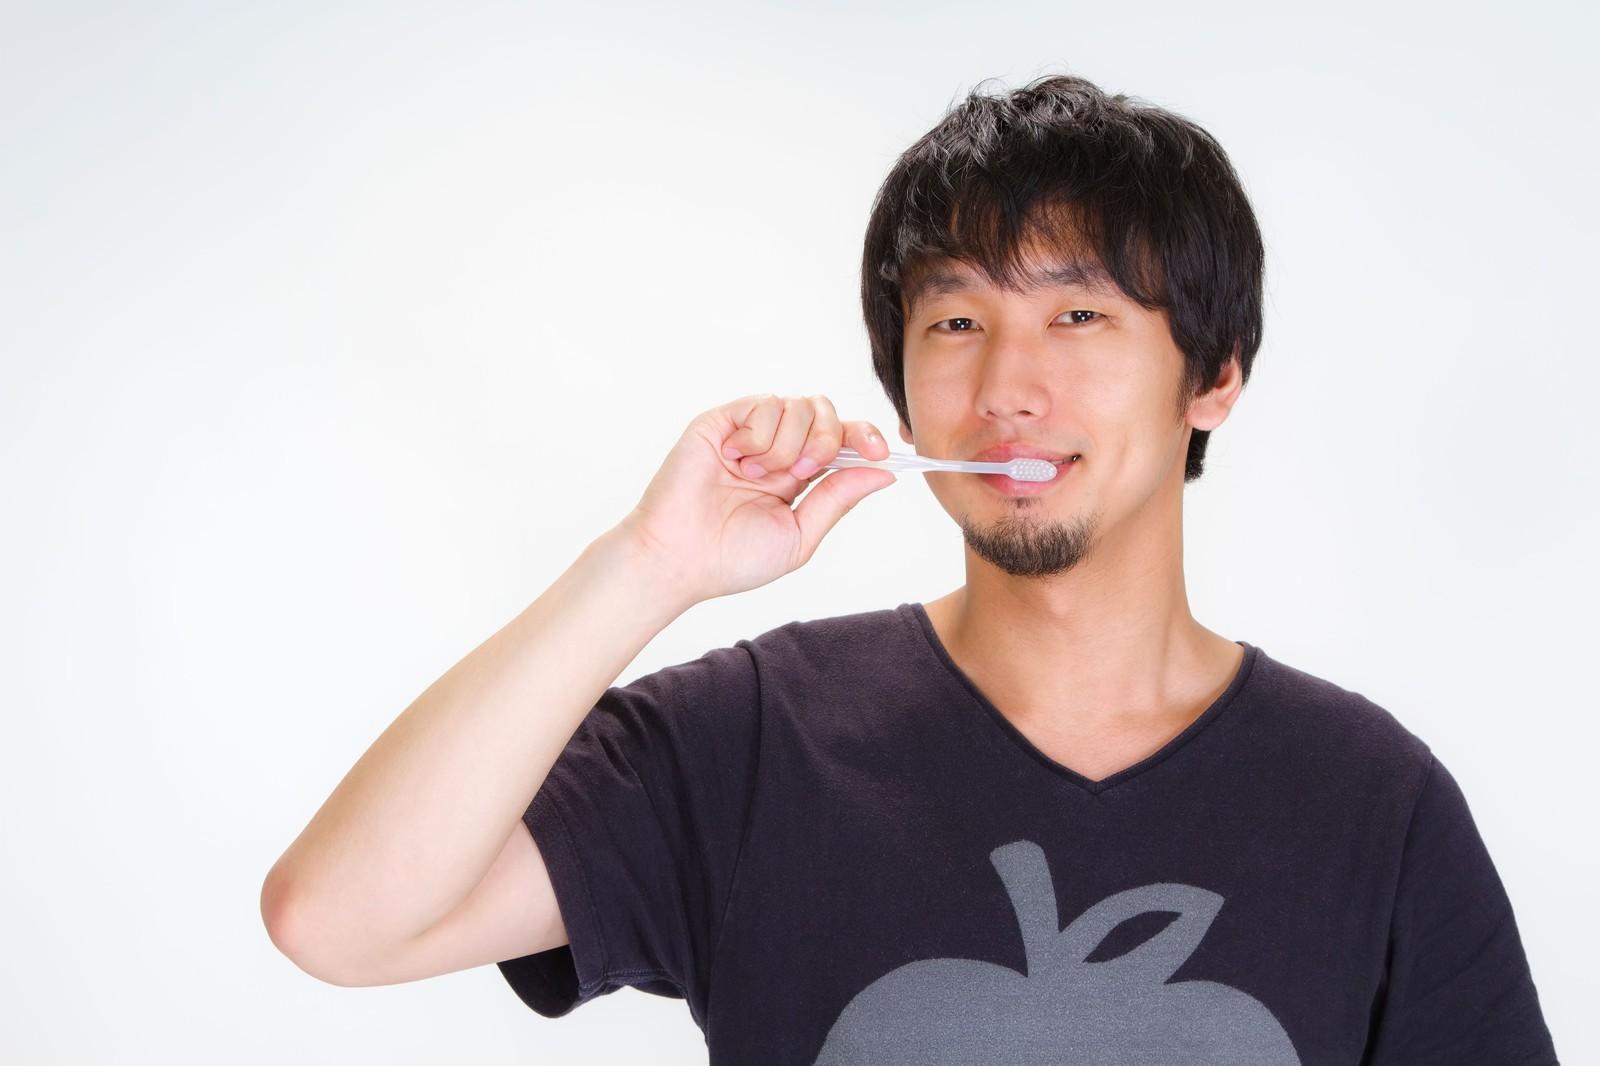 歯周病を抑える正しい歯磨きのやり方と歯間ブラシの使い方まとめ…歯医者さんで教わってきました